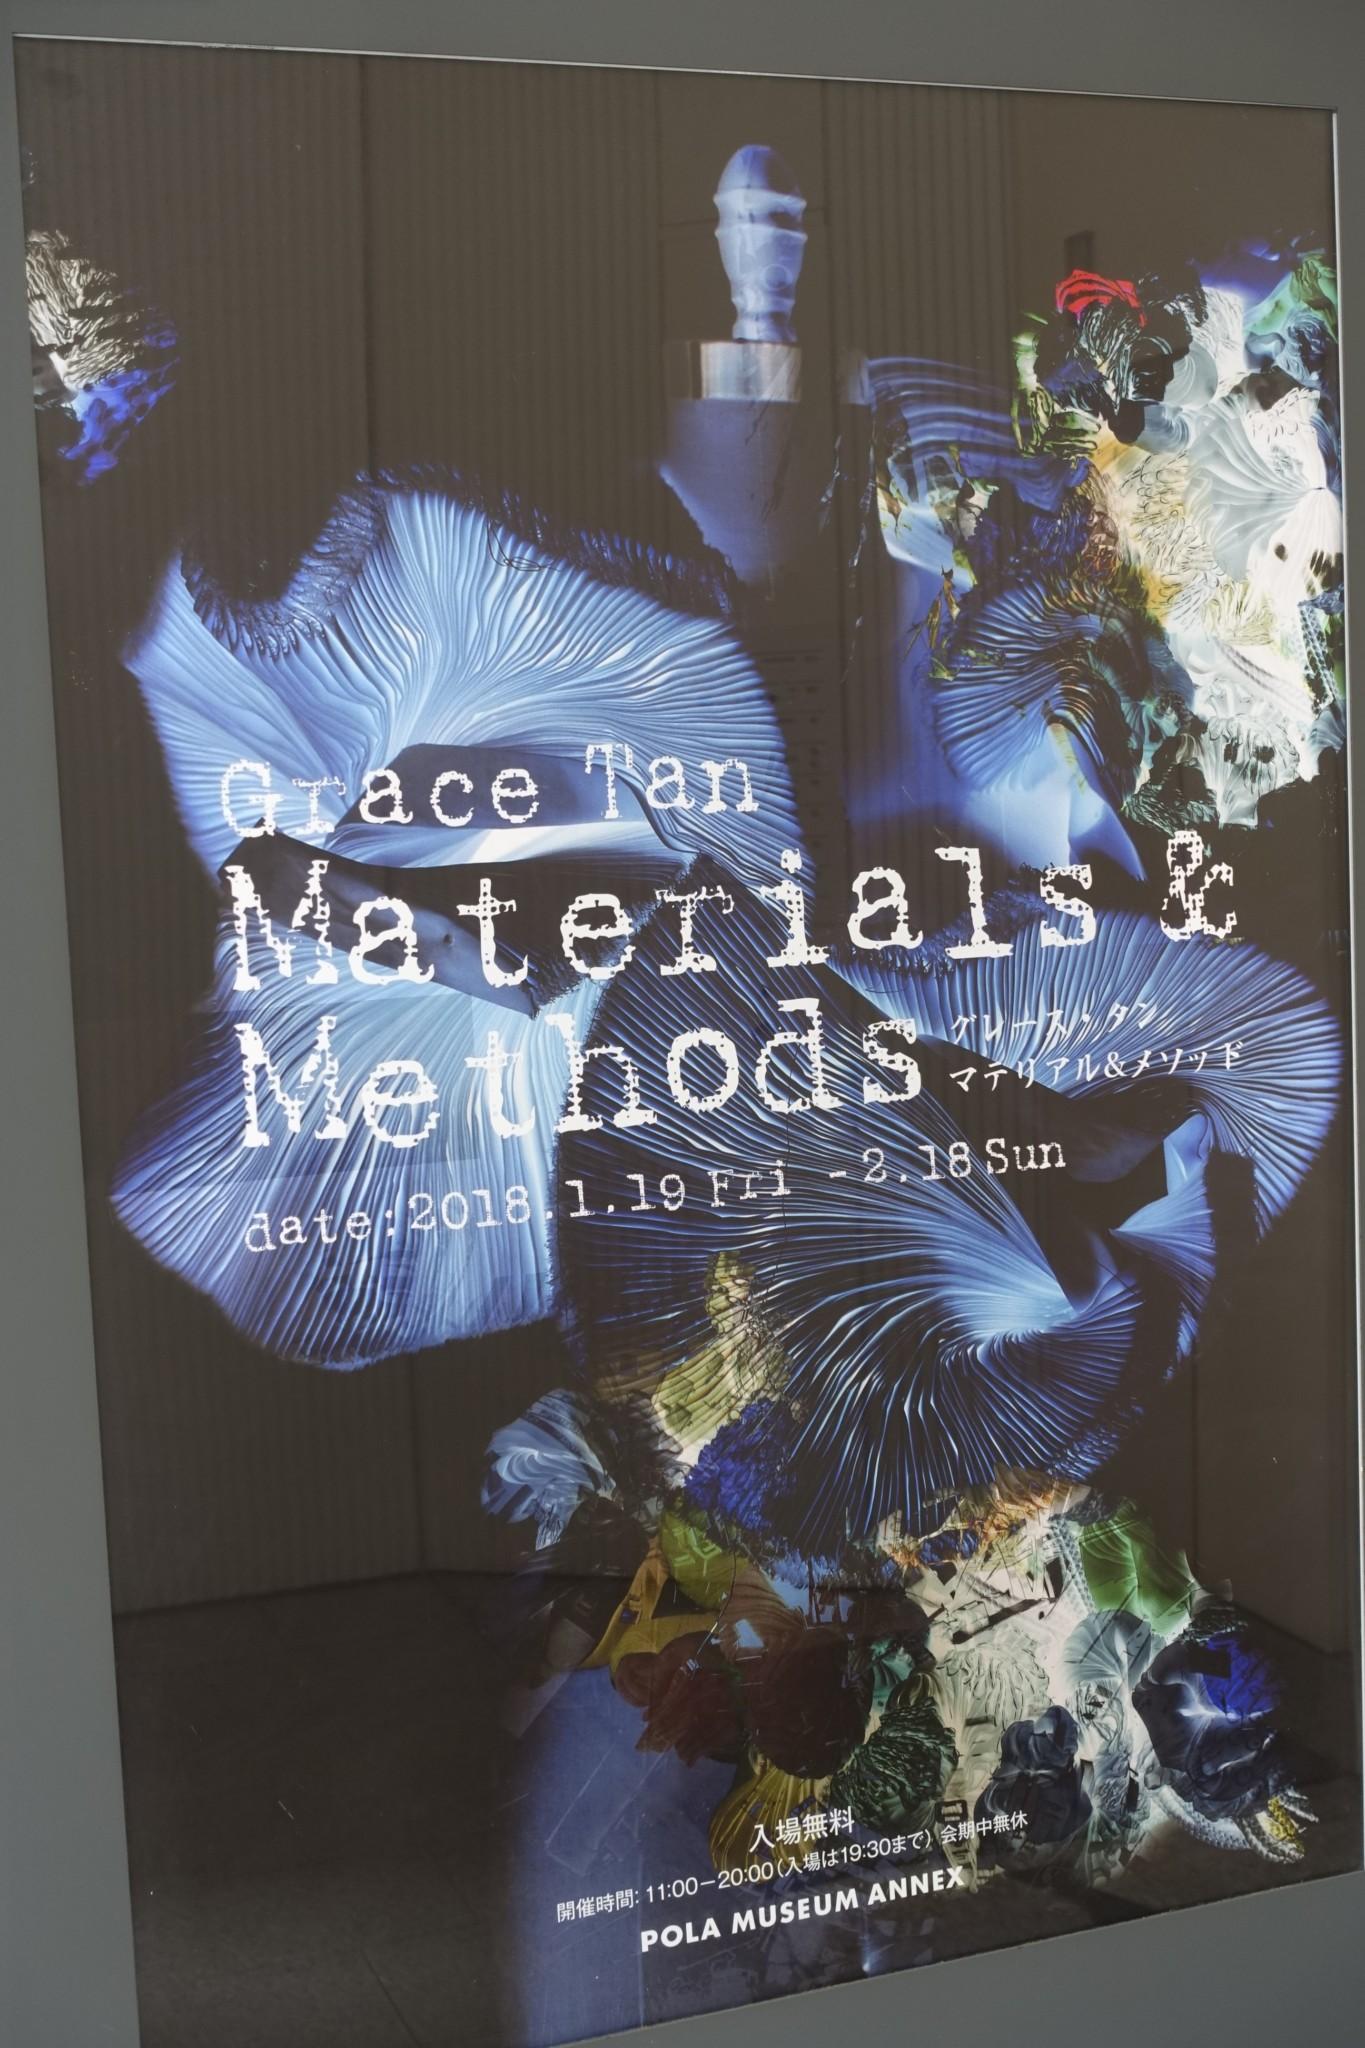 グレース・タン 「Materials & Methods」